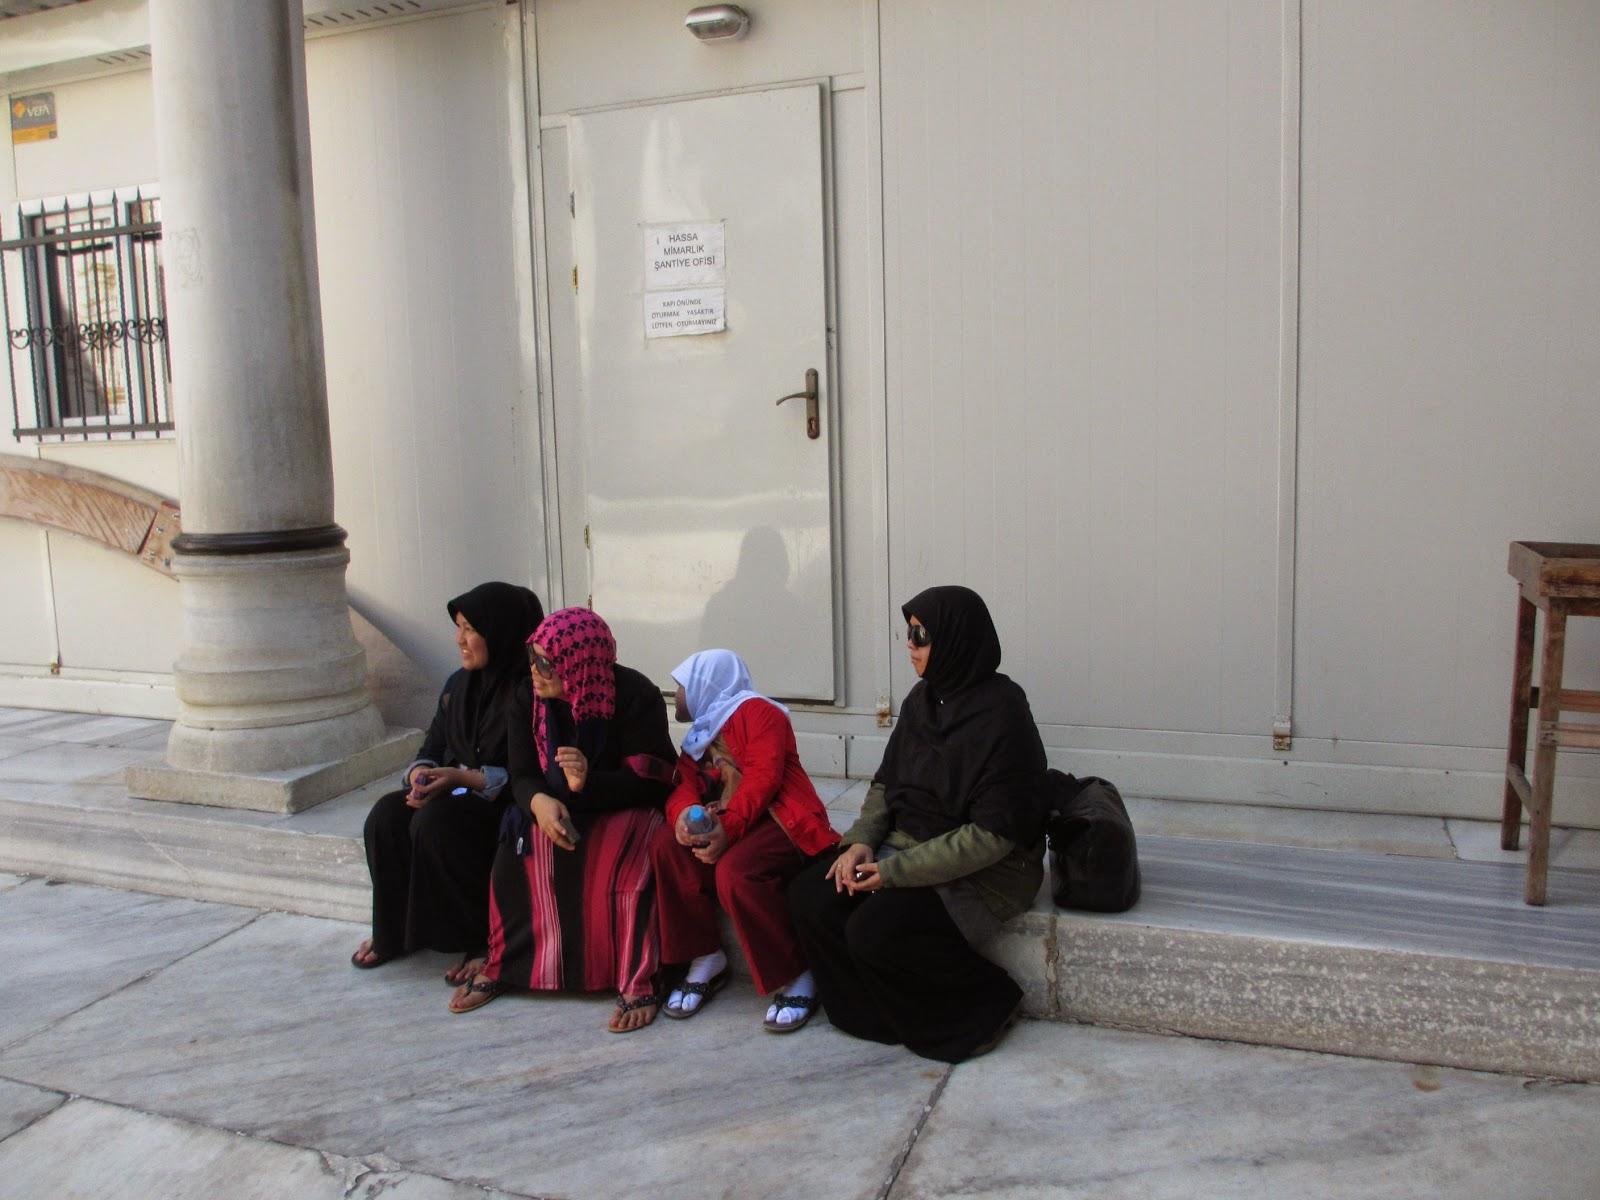 Travel Umroh Keluarga Murah Terbaik Bagus dan Terpercaya